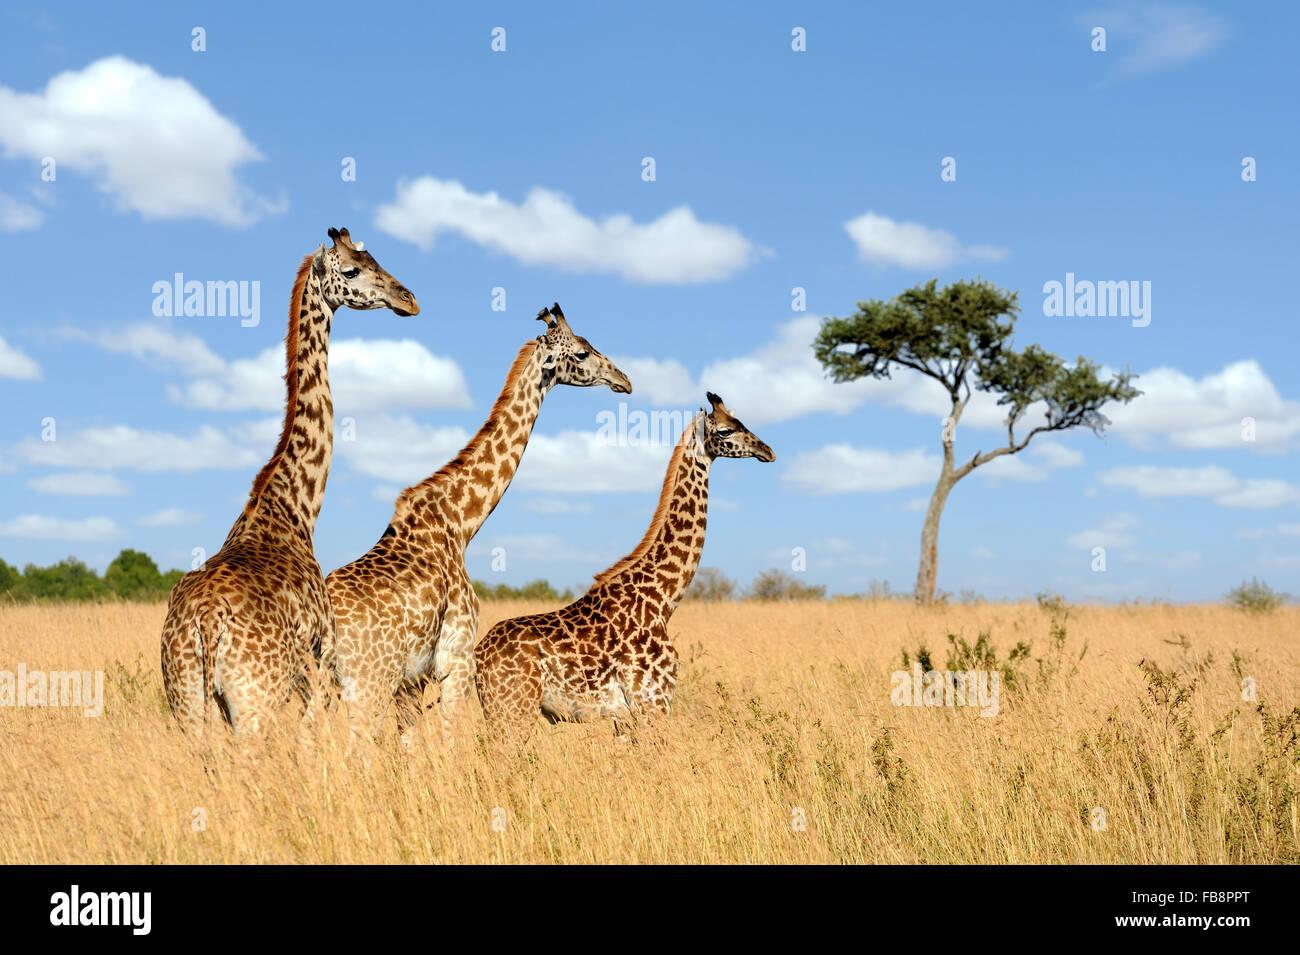 Group giraffe in National park of Kenya, Africa - Stock Image